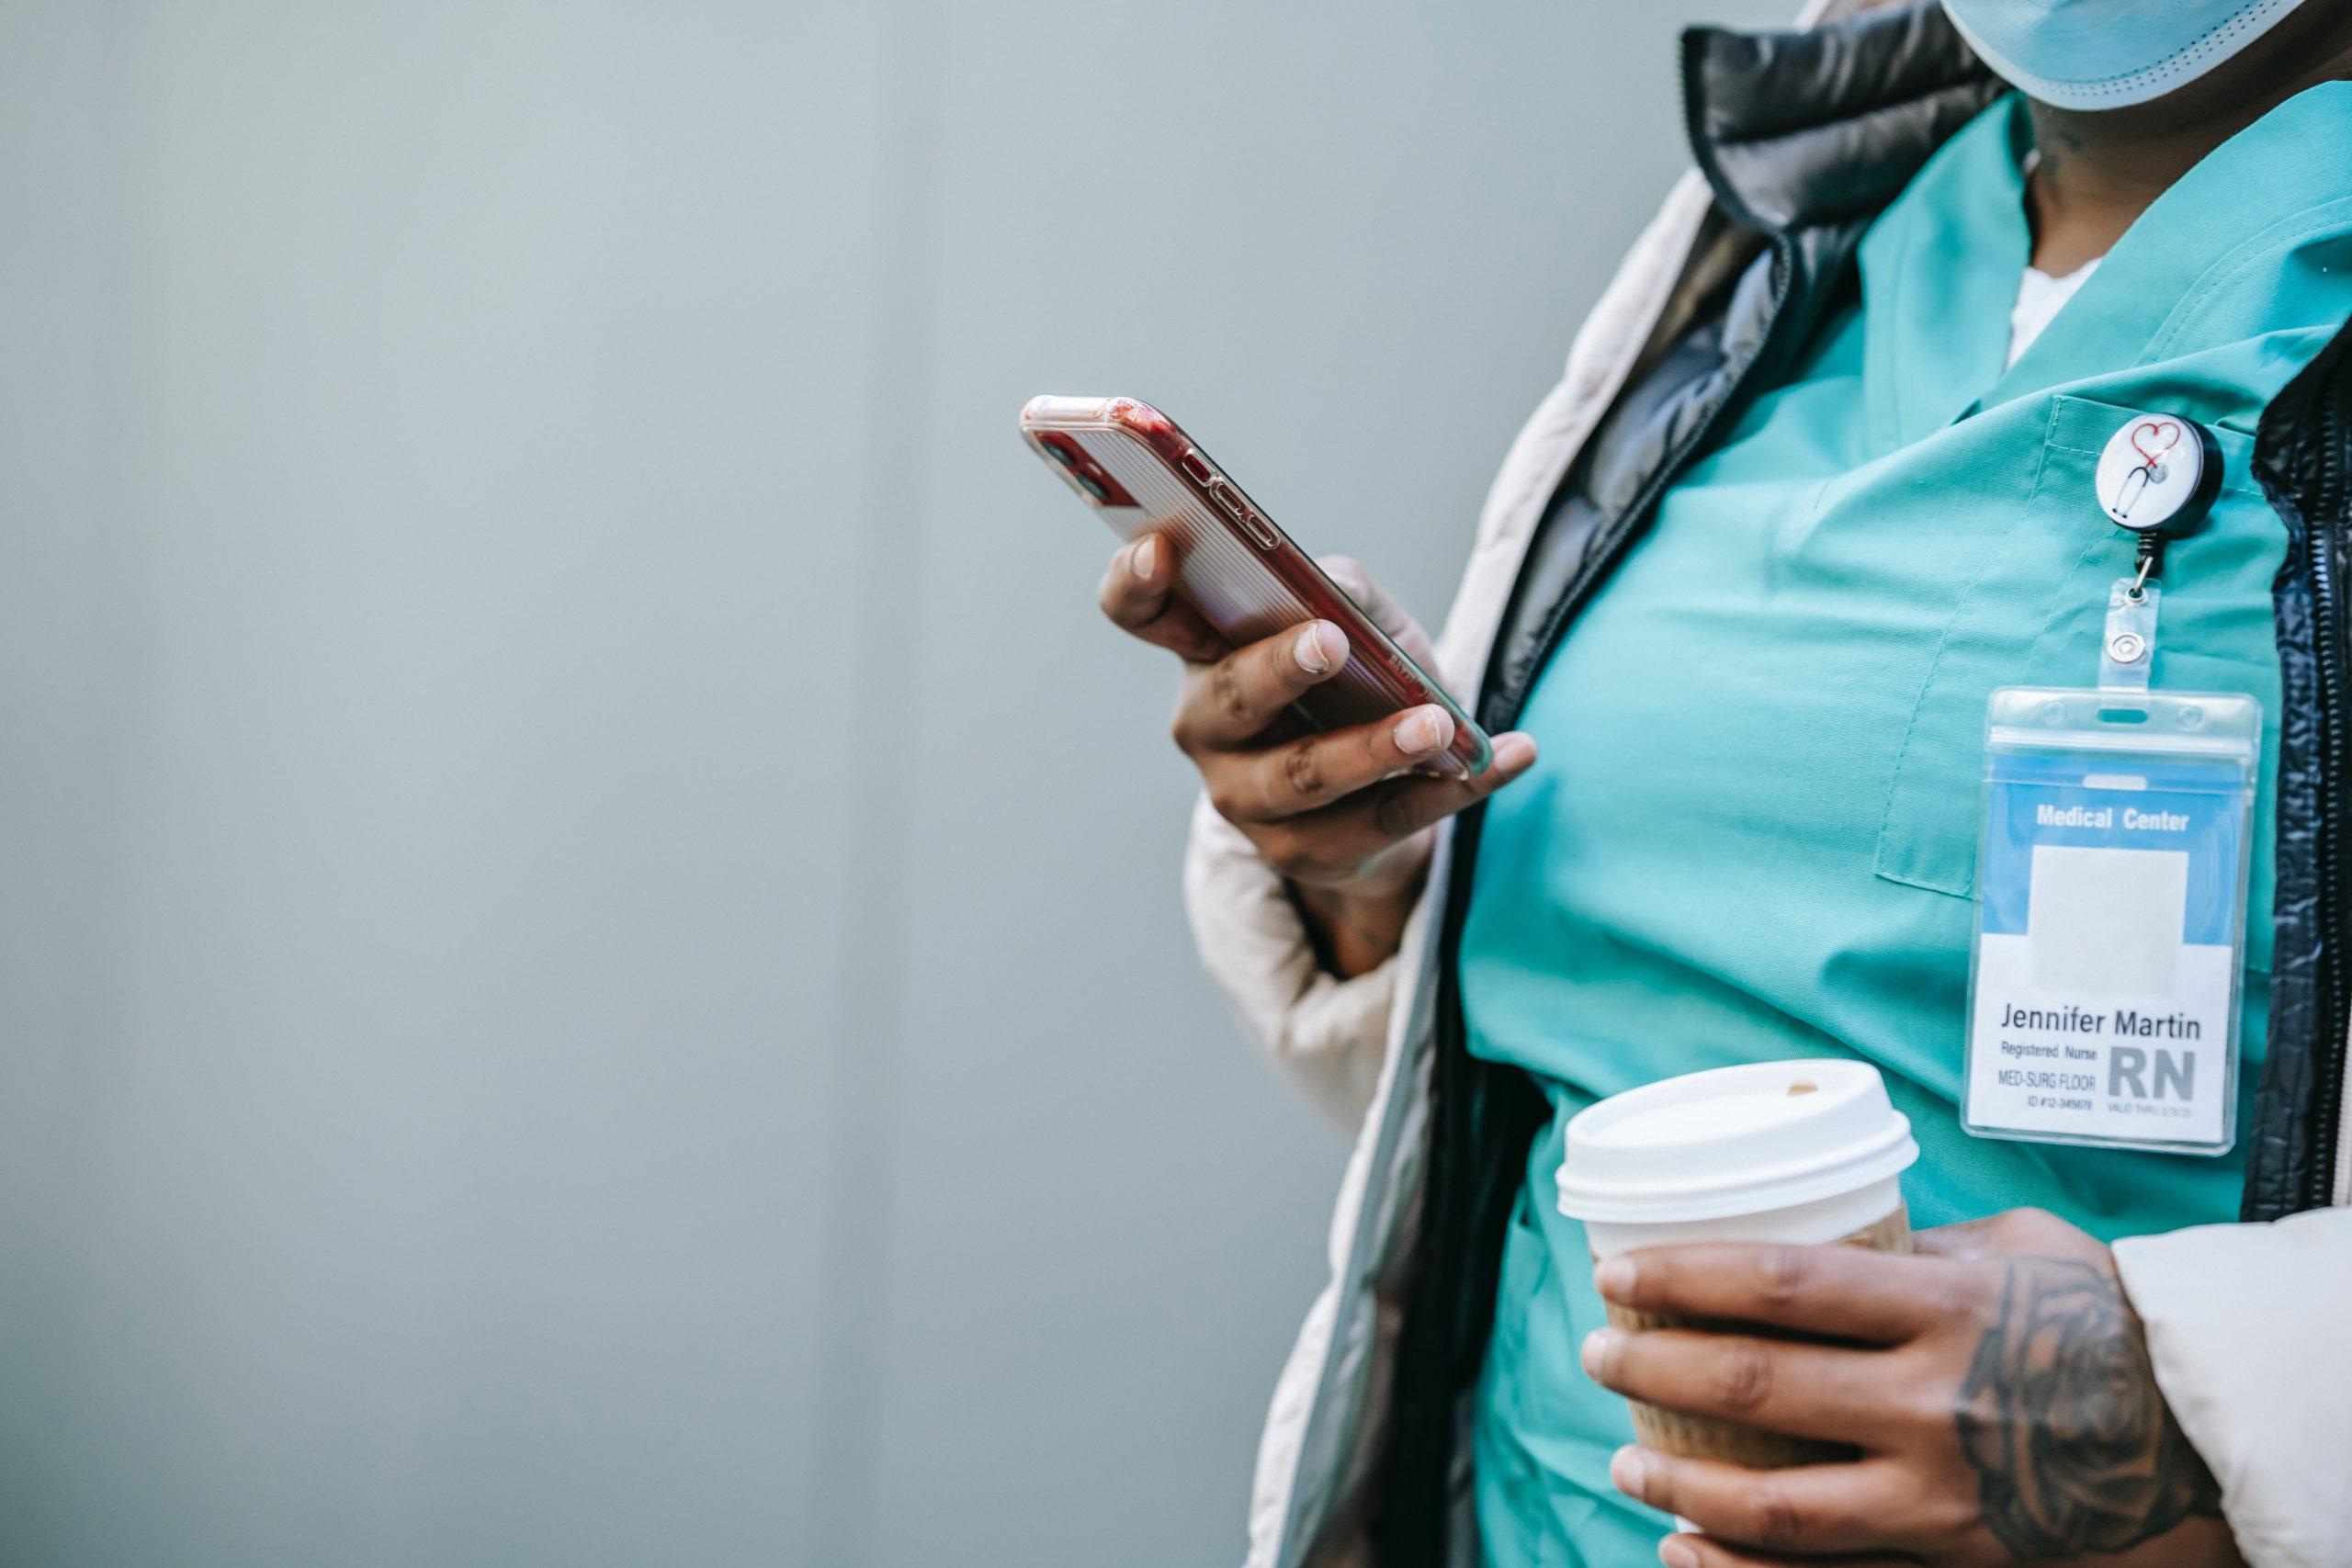 Ética médica e cuidado no uso das redes sociais